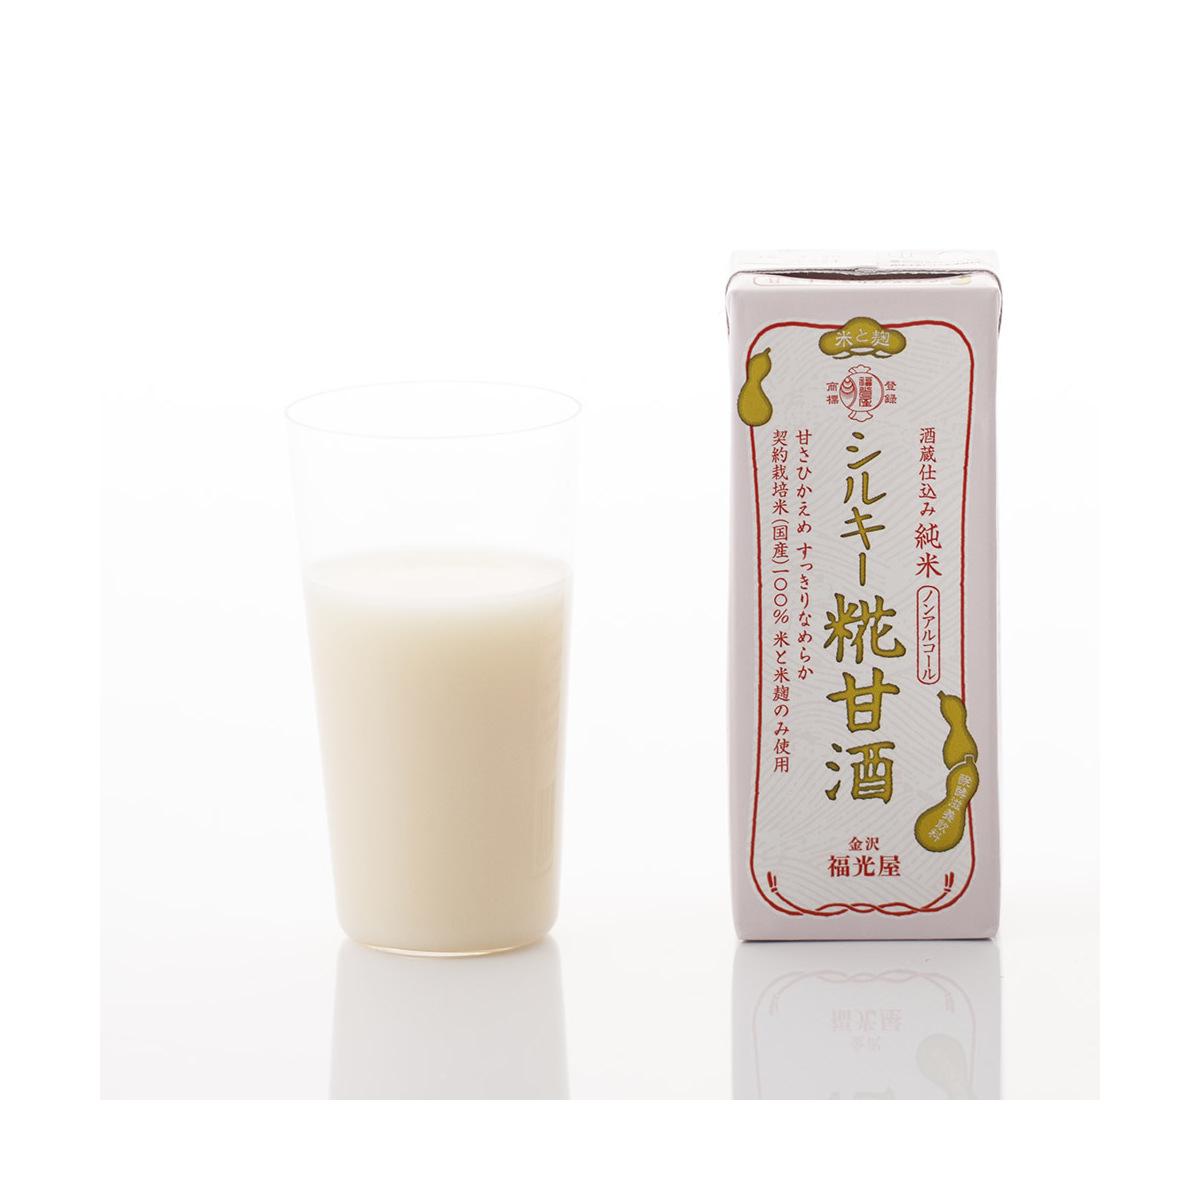 酒蔵仕込み 純米シルキー糀甘酒